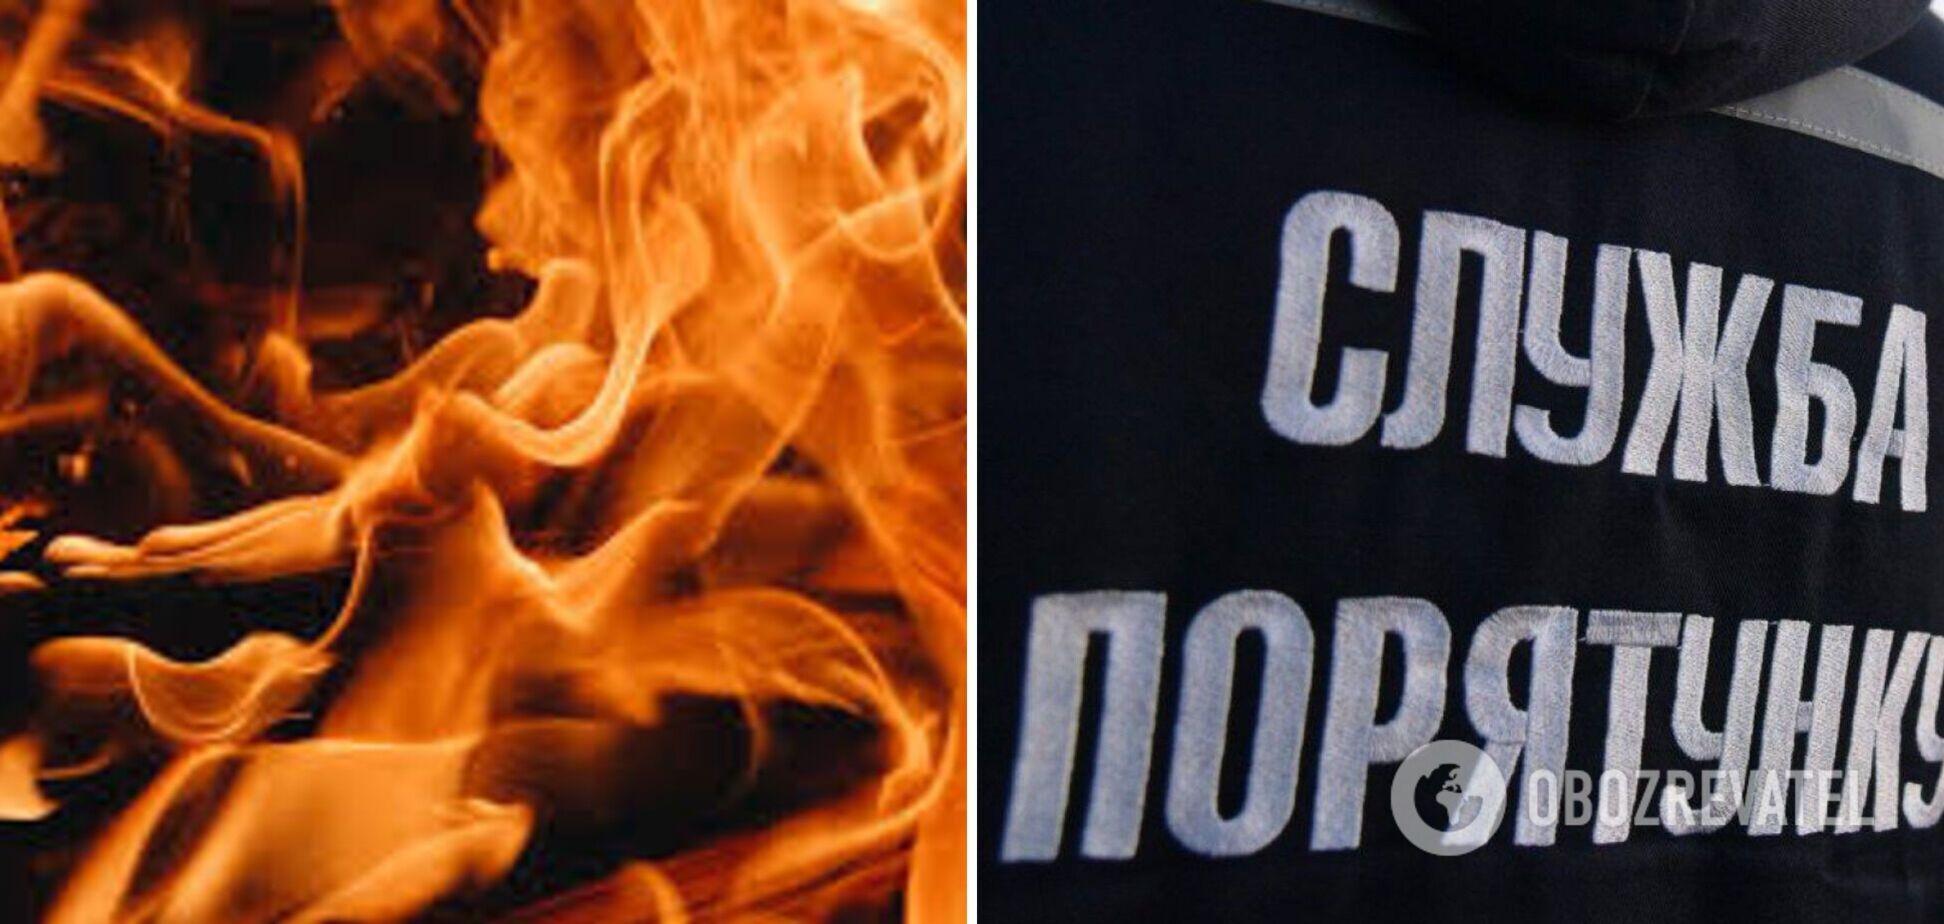 В Івано-Франківську загорілася кімната в гуртожитку: евакуювали десятки студентів. Фото і відео